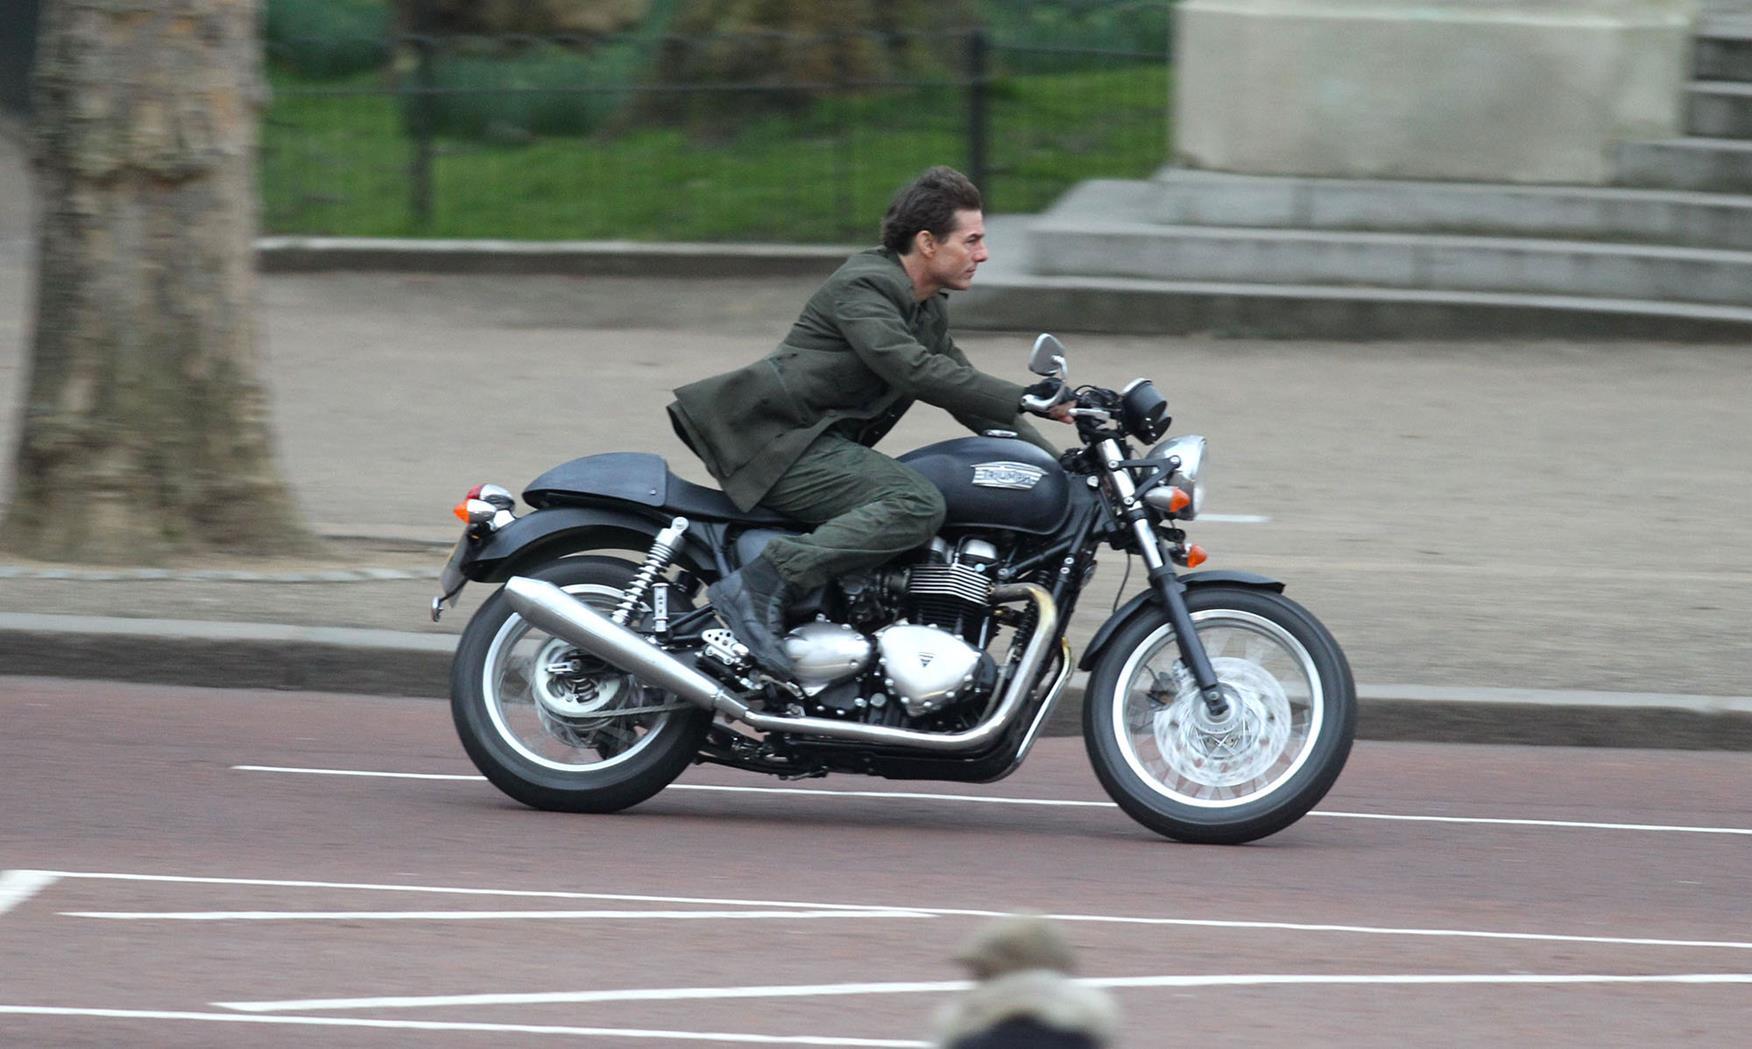 Tom Cruise riding a Triumph Thruxton